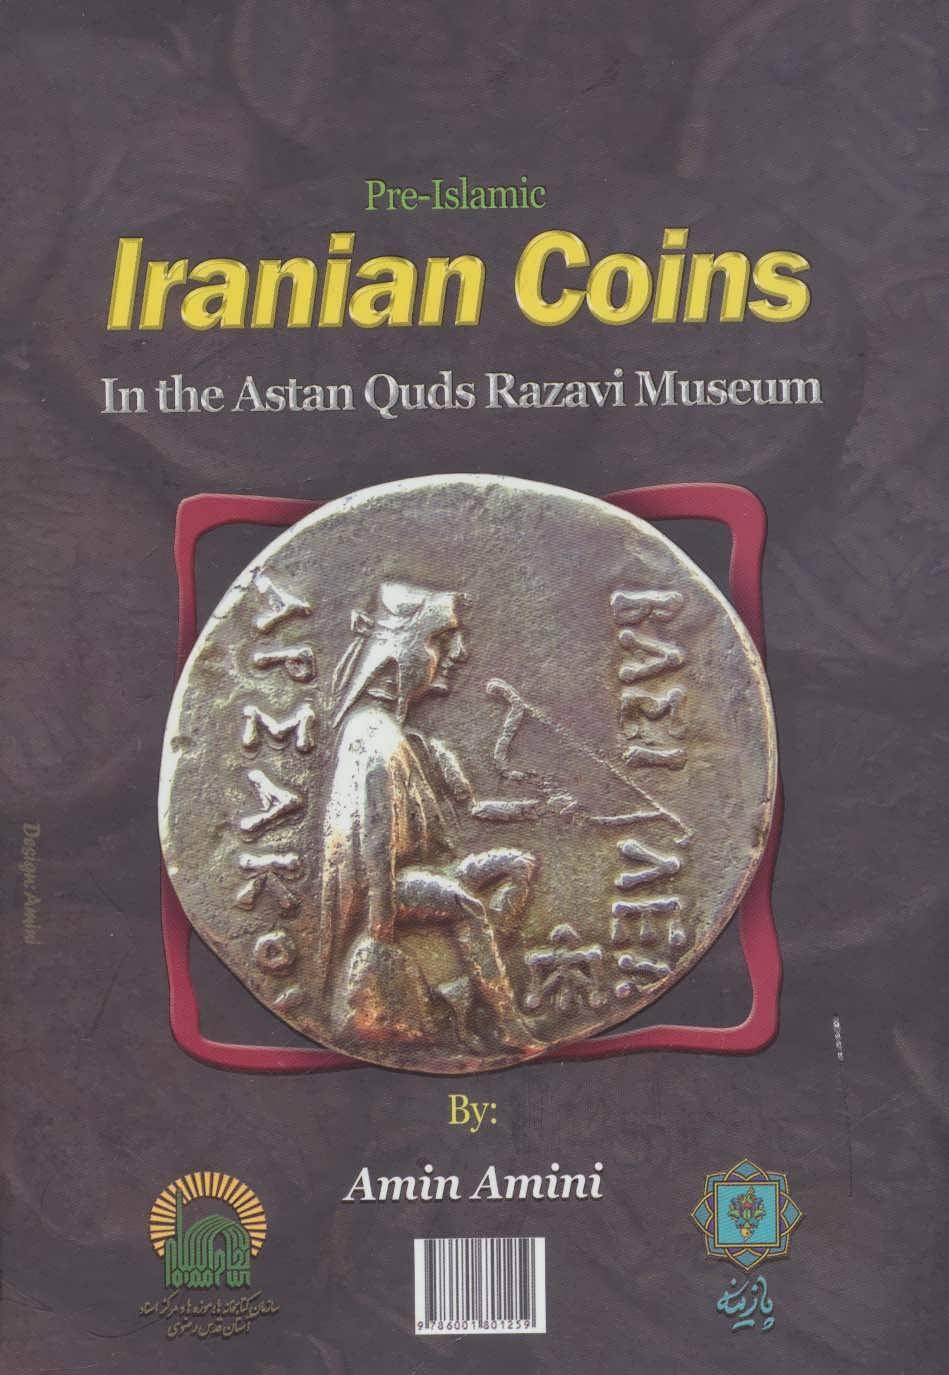 سکه های ایران پیش از اسلام (در موزه ی مرکزی آستان قدس رضوی)،(گلاسه)